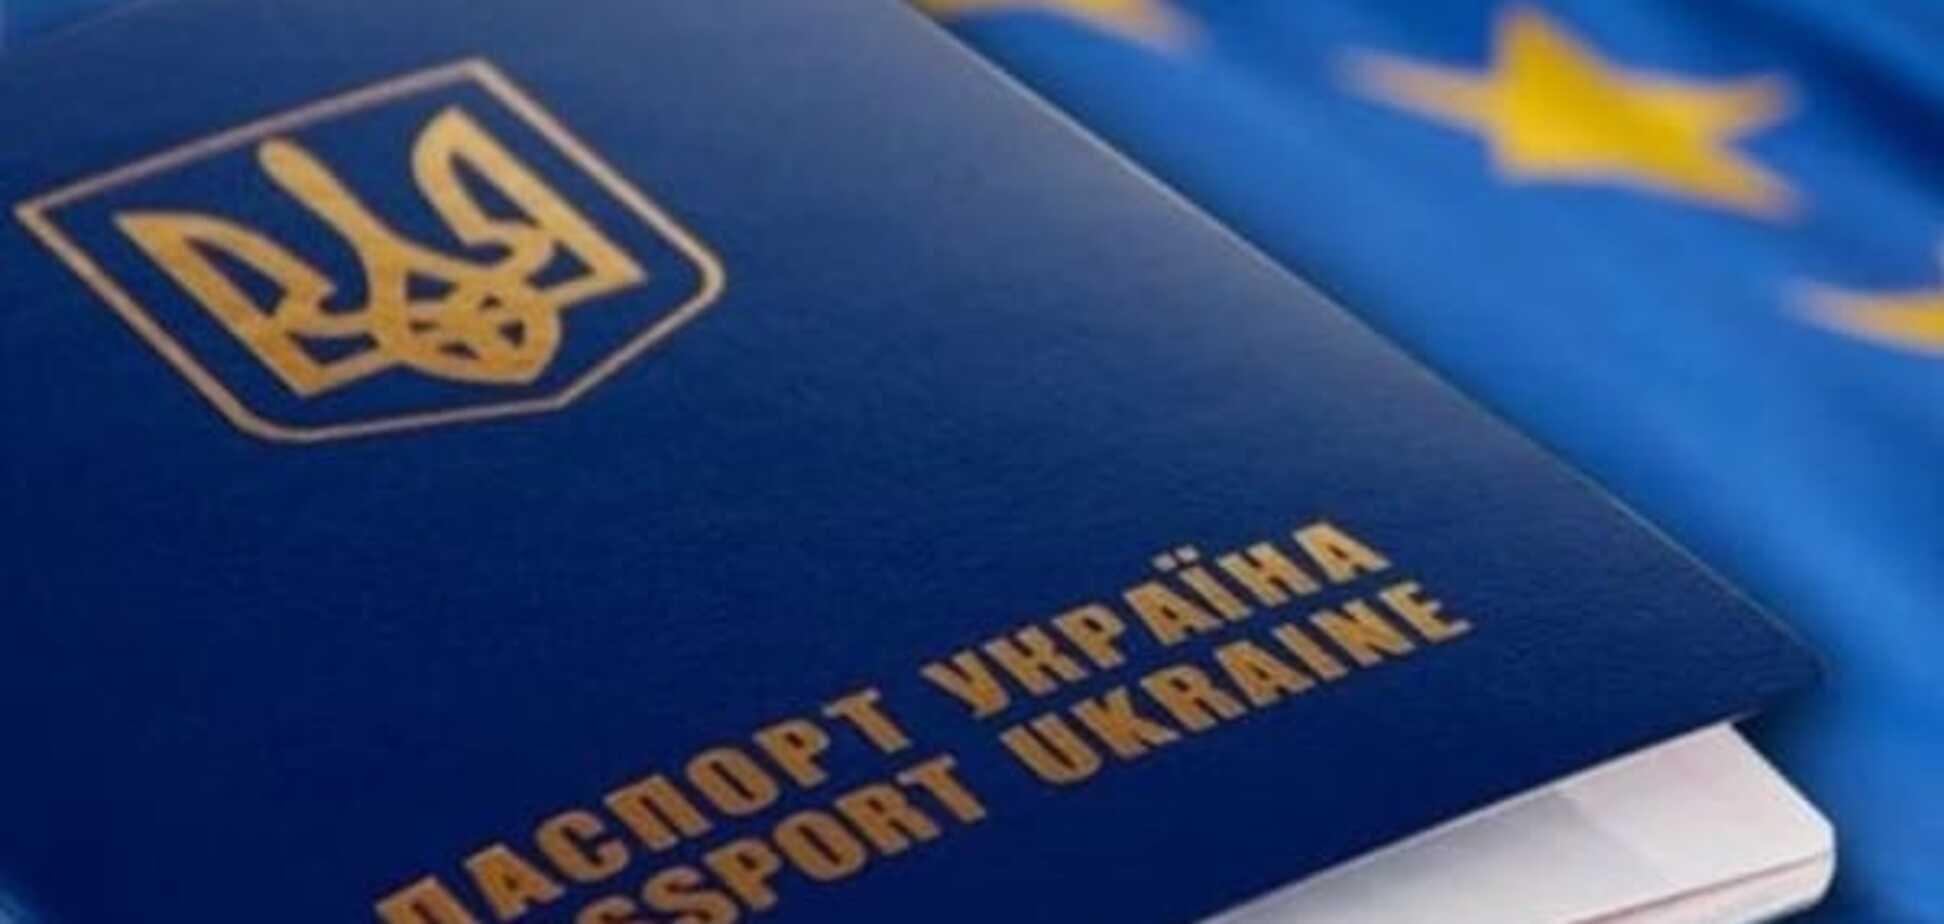 'Українці давно заслужили': експерт розповів про терміни безвізового режиму з ЄС